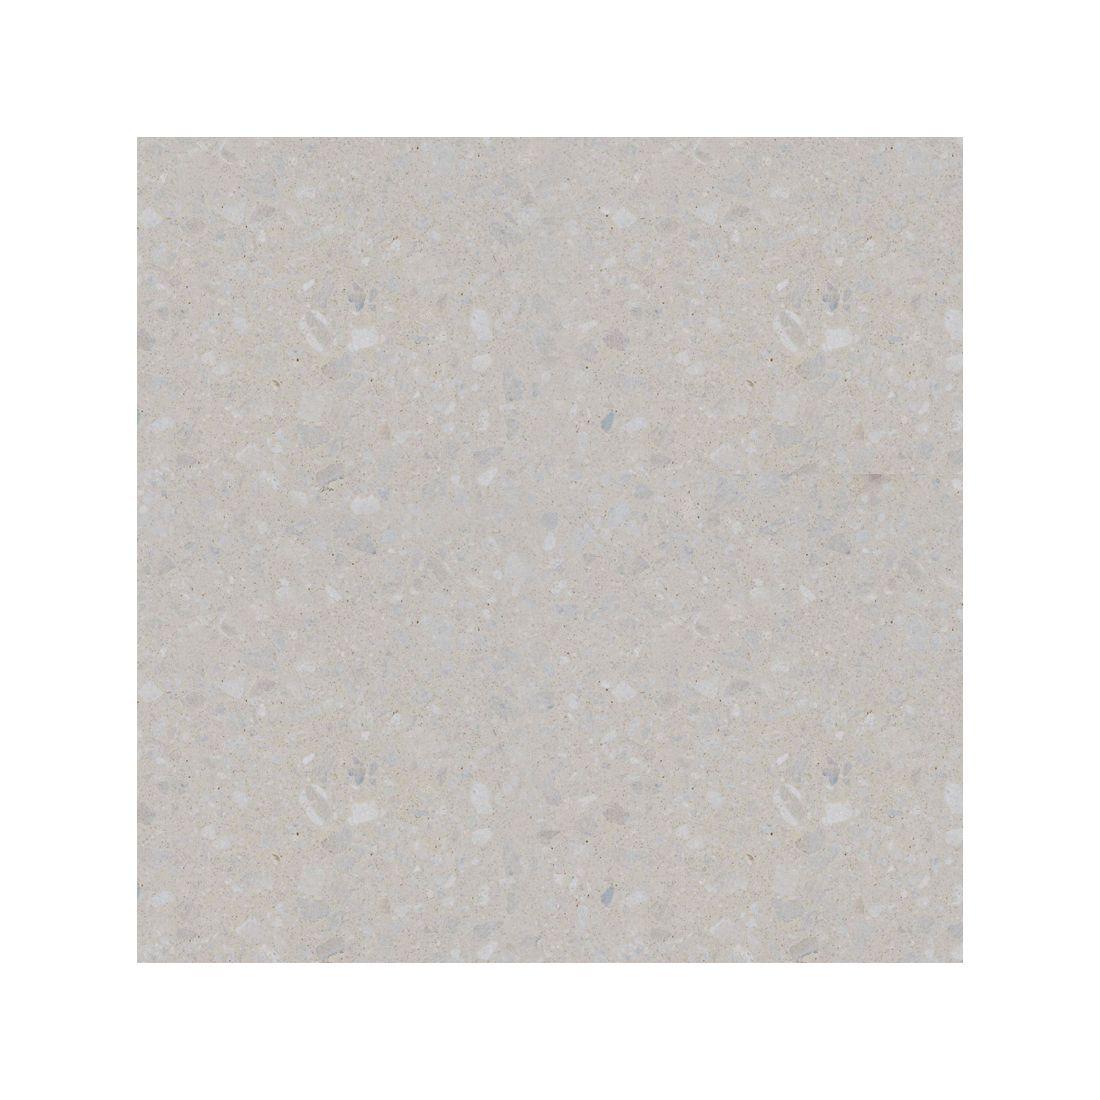 Terrazzo Honed Paver Vienna 600 x 600 x 40mm